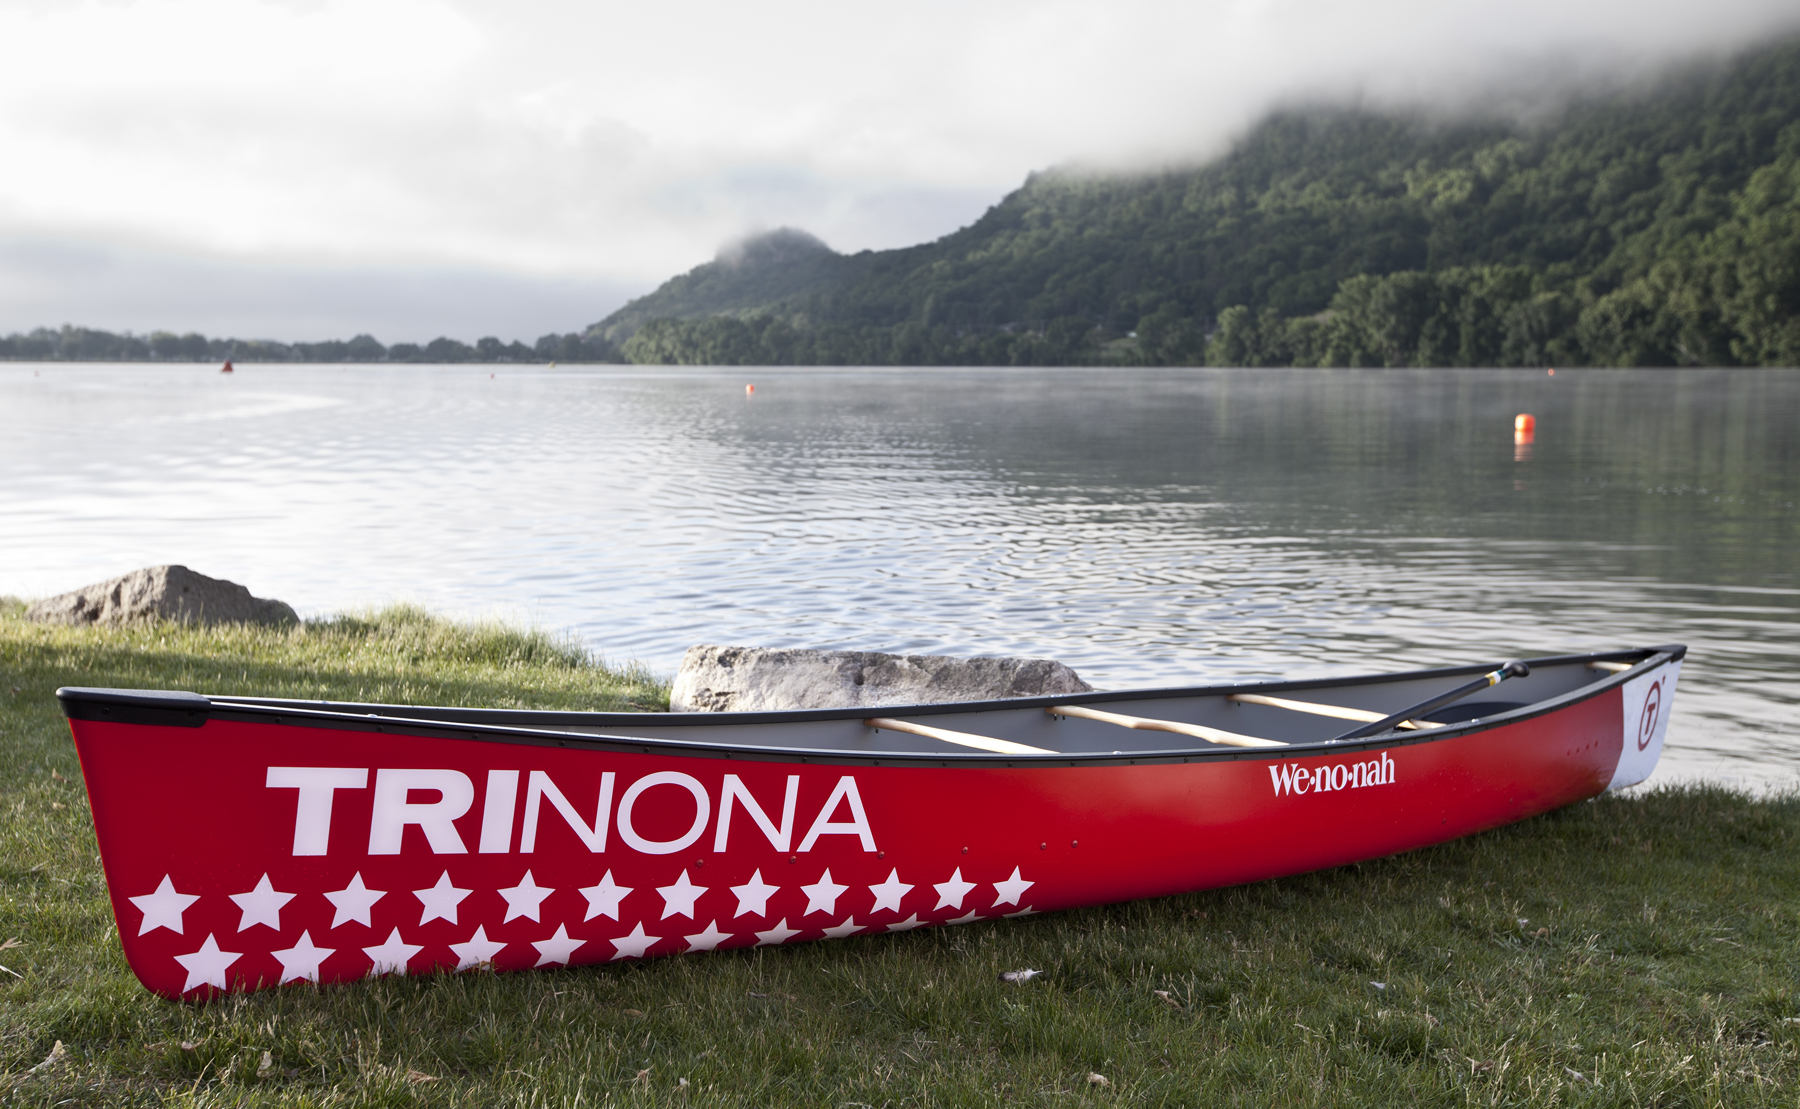 Trinona-9894